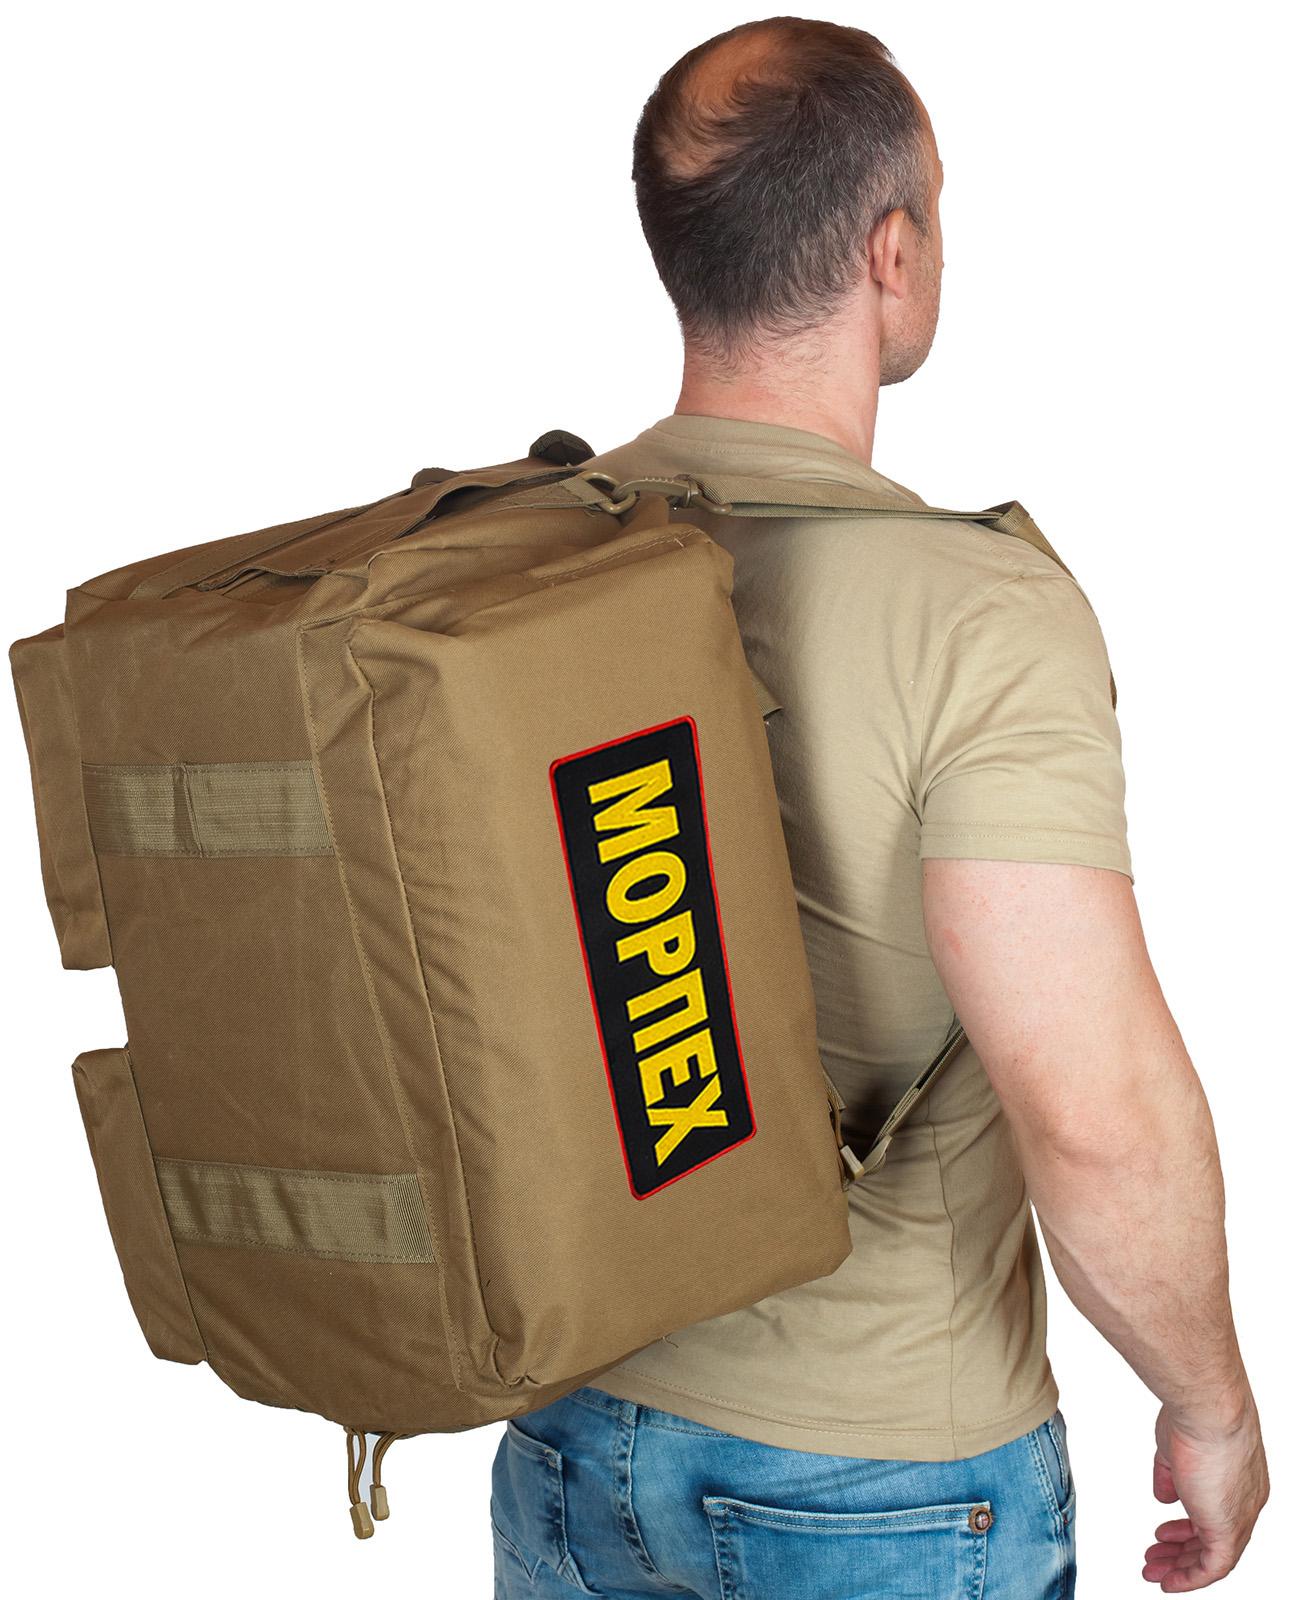 Тактическая сумка Морпеха – проверенное снаряжение